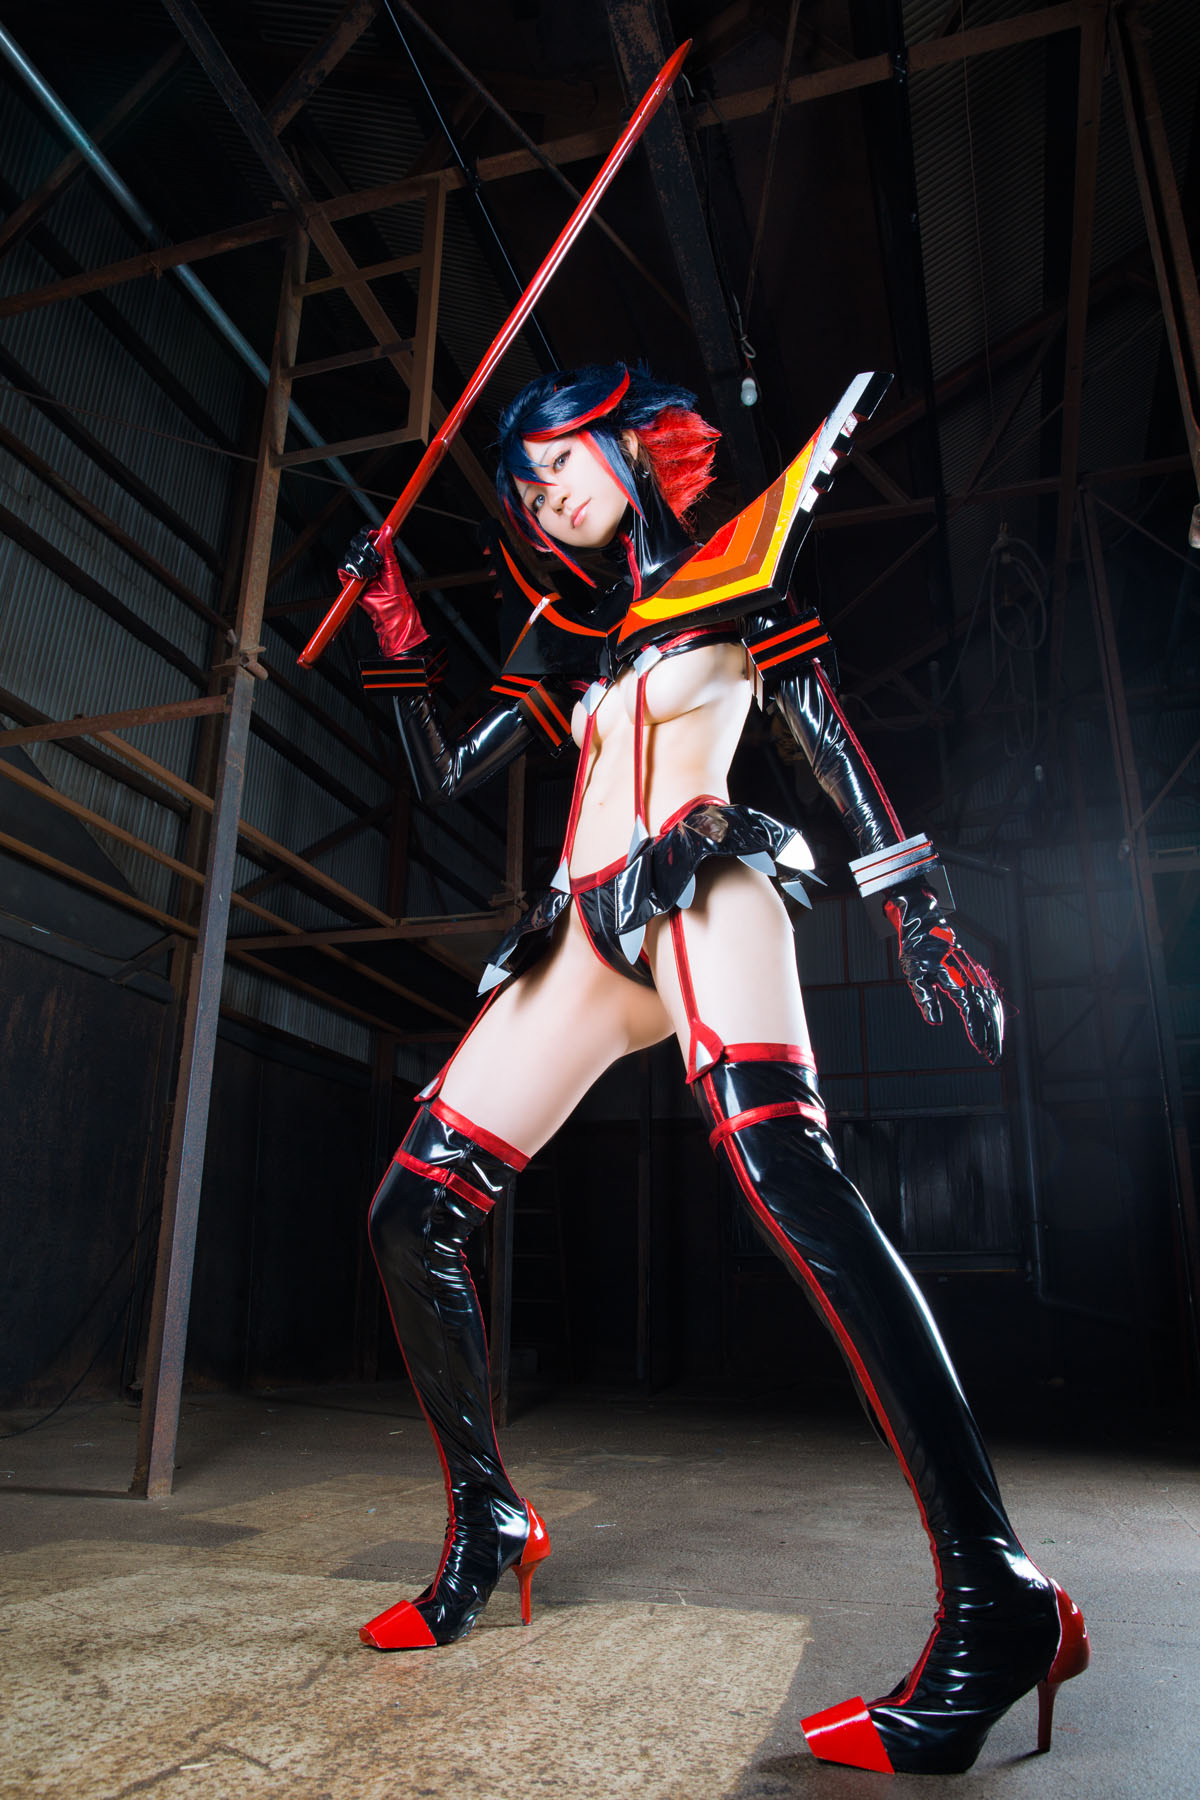 Kill la Kill Ryuuko Matoi anime cosplay by Mikehouse 0039